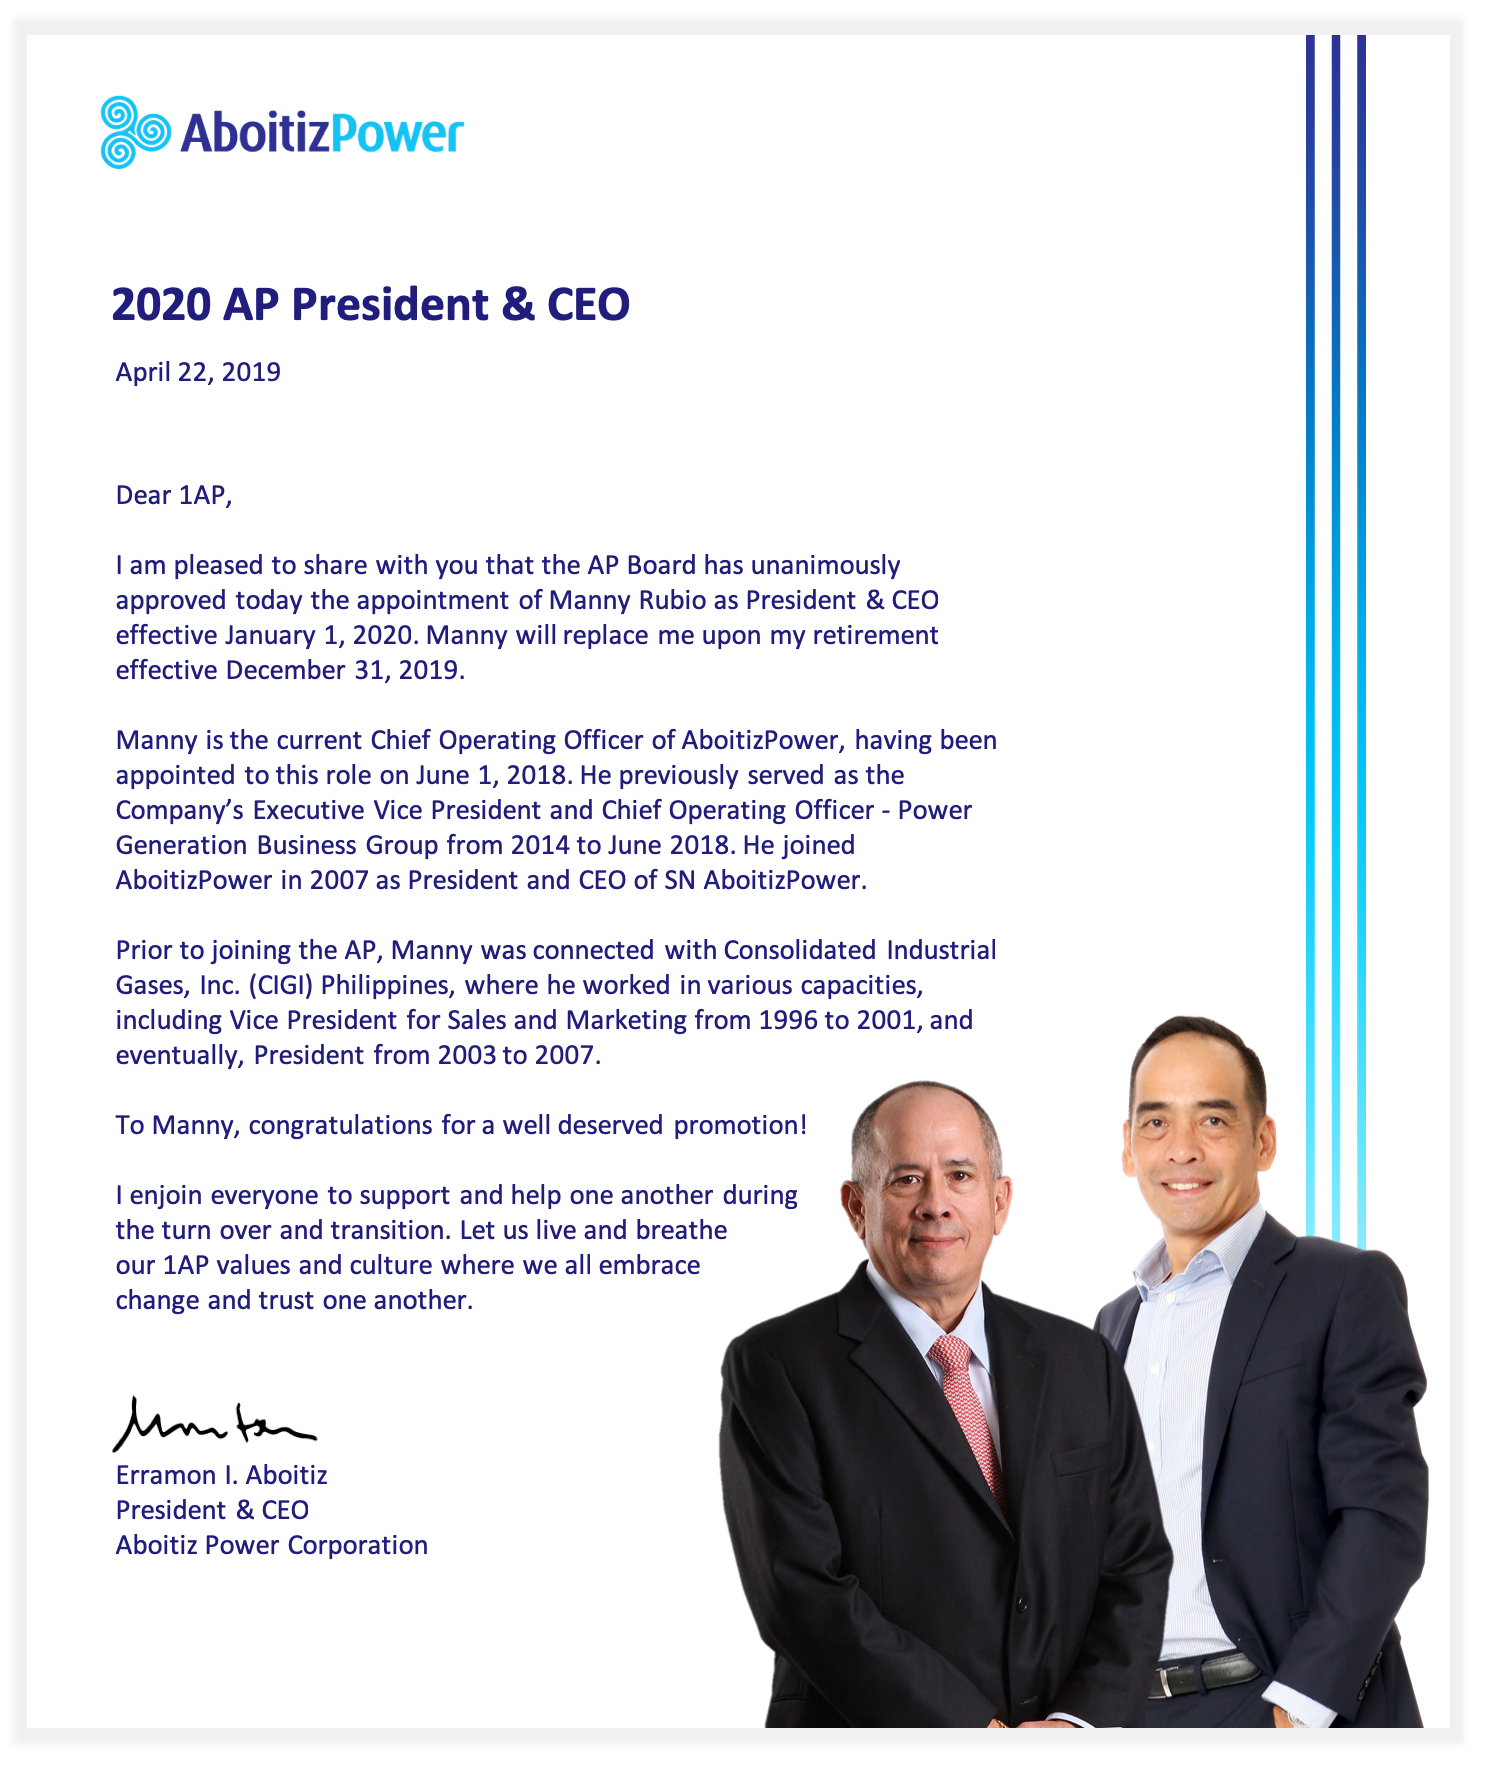 EIA Message - 2020 AP President & CEO